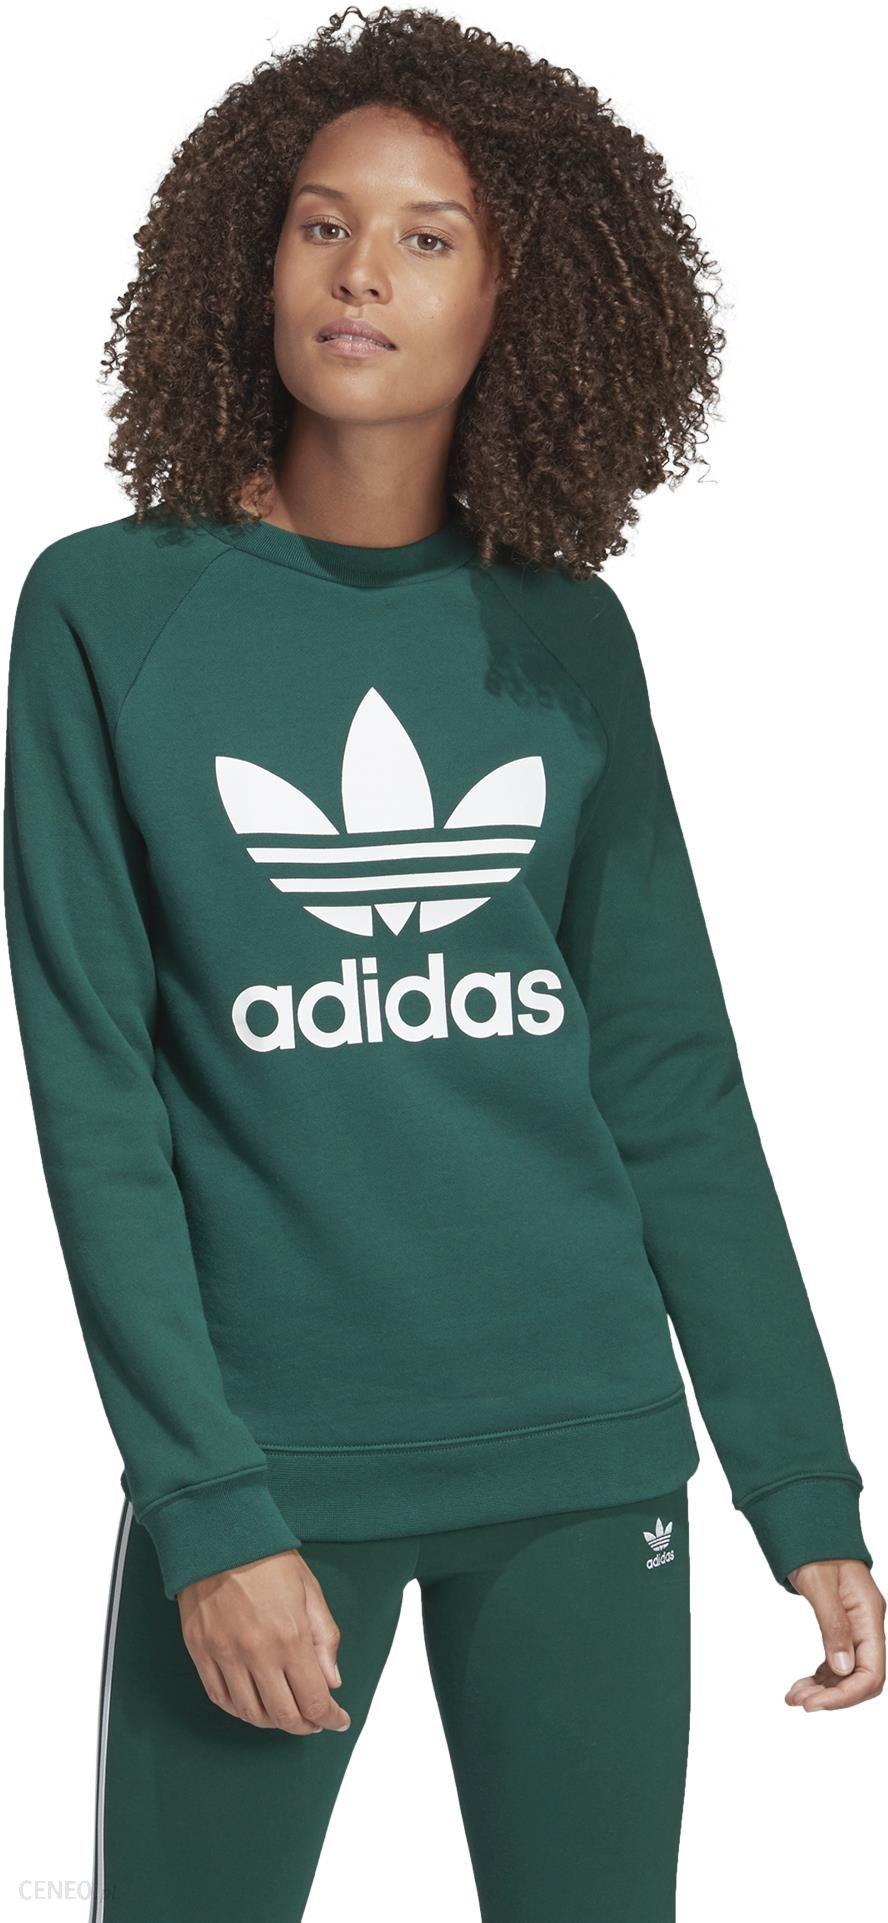 Adidas Originals Trefoil Bluza Zielony 40 Ceny i opinie Ceneo.pl